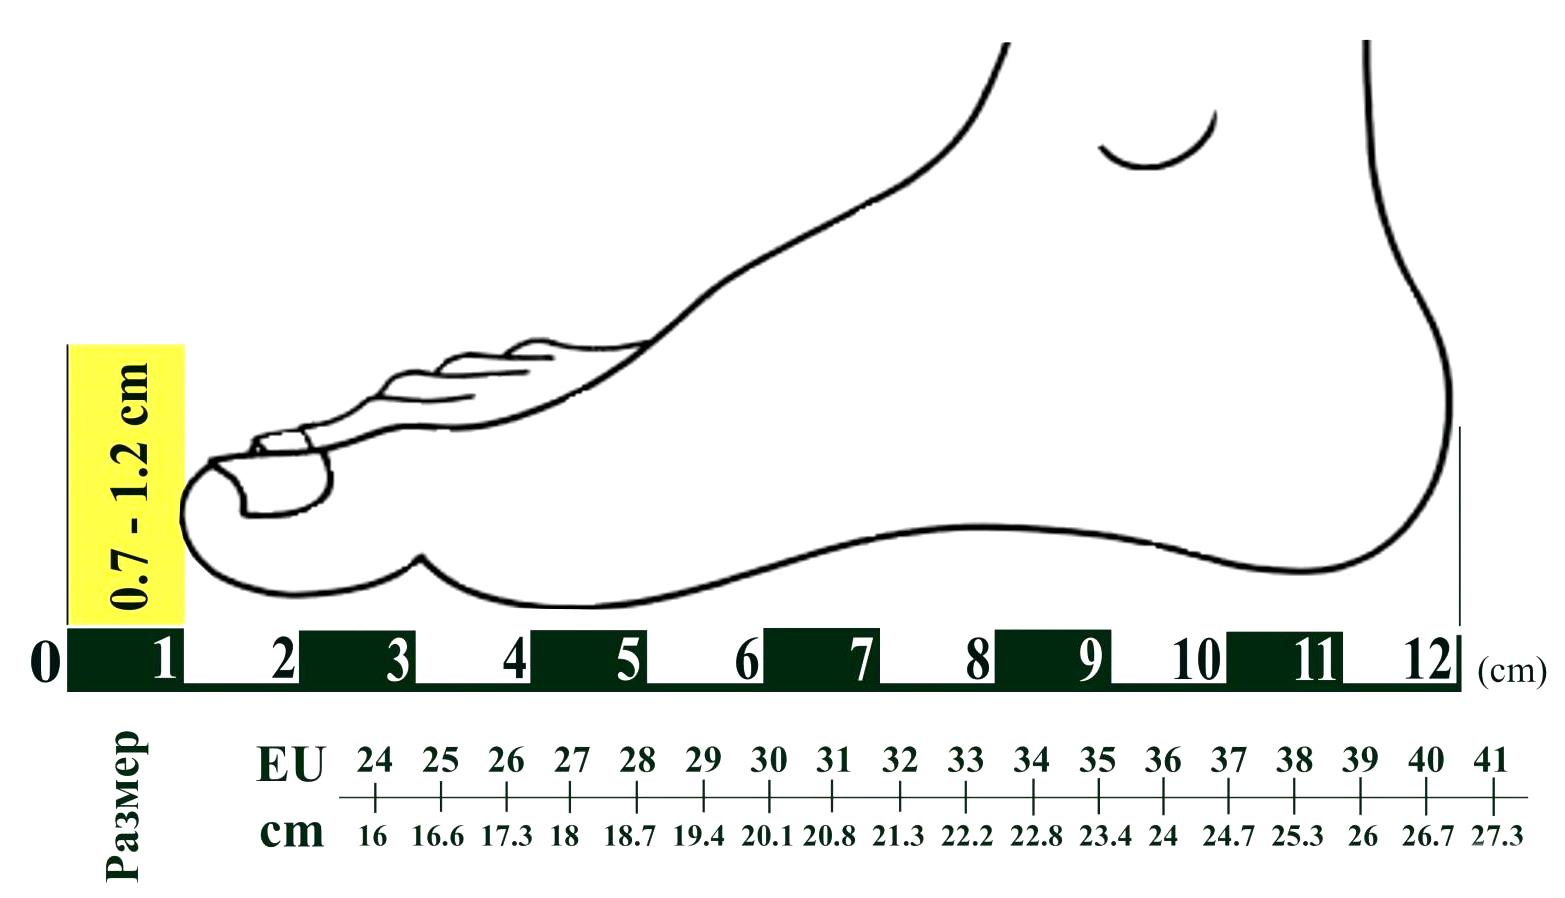 """Где можно купить онлайн недорого: мужские, зимние, теплые носки из шерсти? Зимние теплые носки из шерсти Kardesler (Турция) можно купить, в Сумах (Украина) интернет магазин одежды и нижнего белья """"Элегант"""" - коллекция моды сезон 2014 года (смотреть онлайн бесплатно фото носков)"""